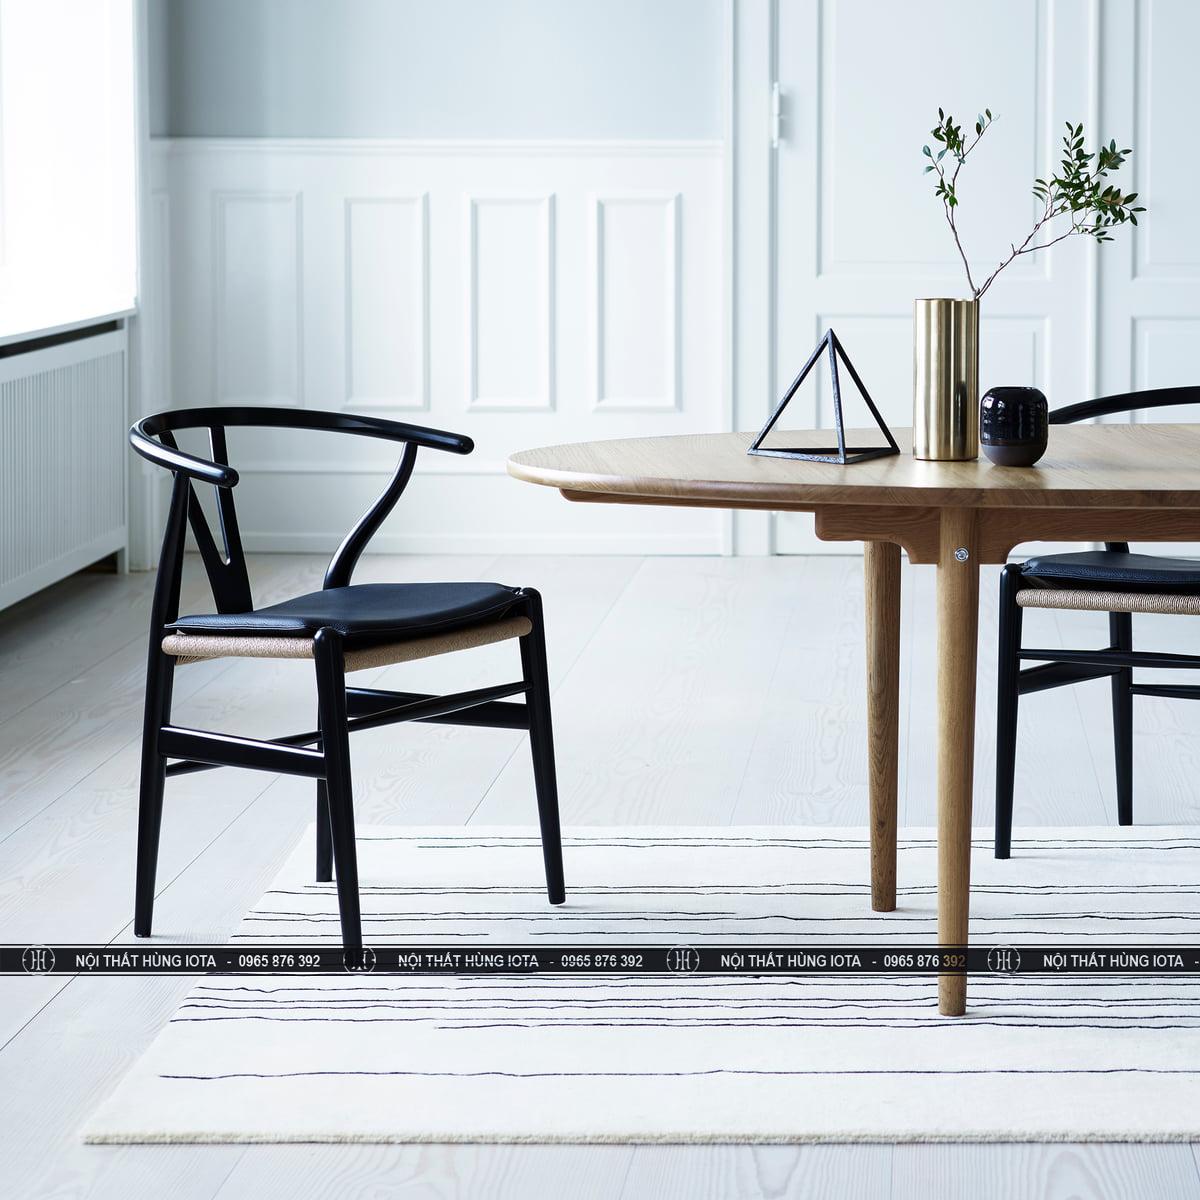 Bộ bàn ghế wishbone mặt đệm làm bàn ăn, bàn ghế cafe đẹp giá rẻ